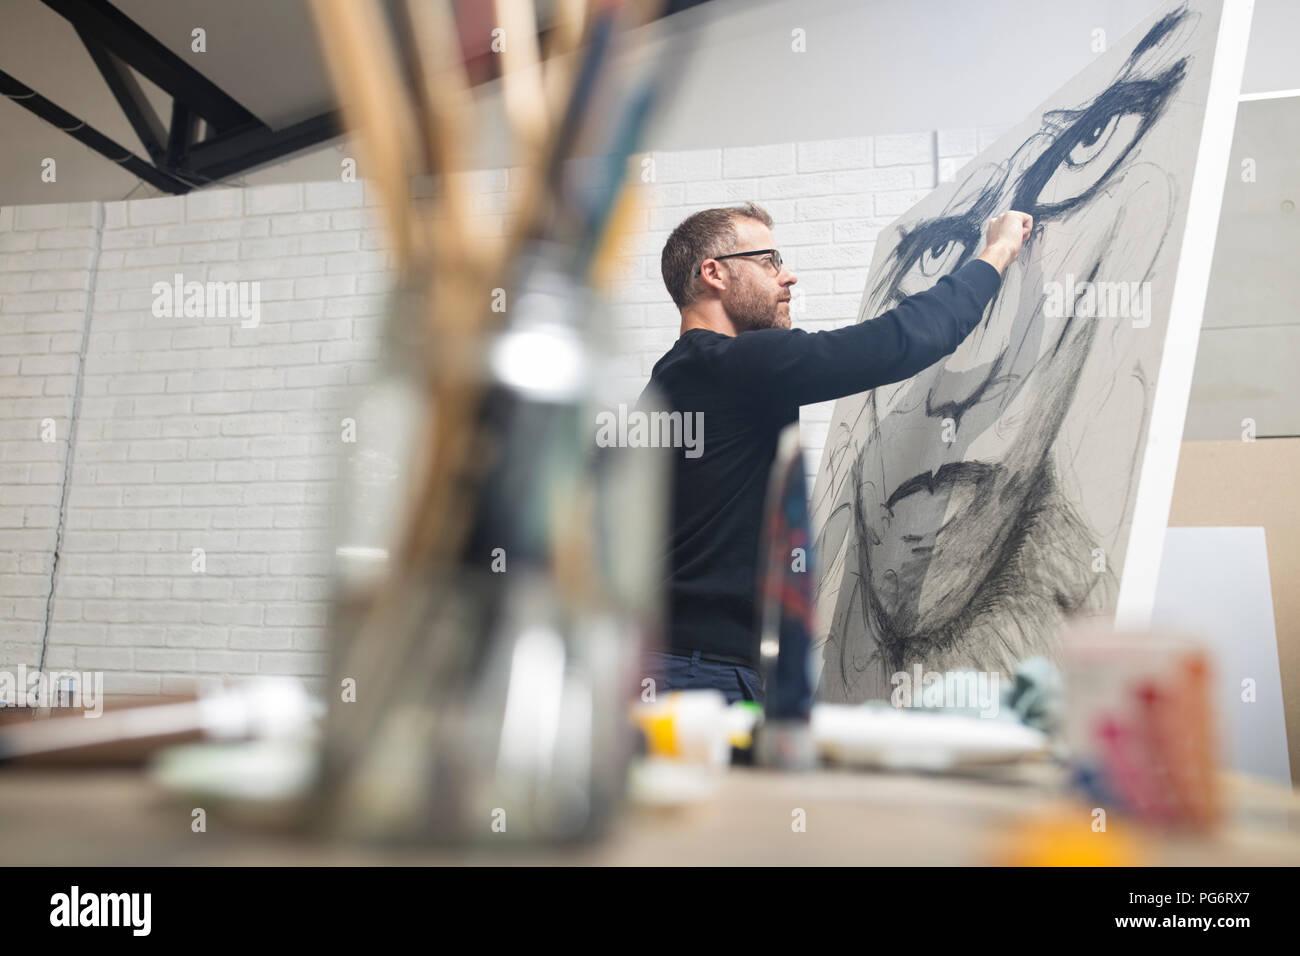 Contrôle de l'homme dessin dans studio Photo Stock